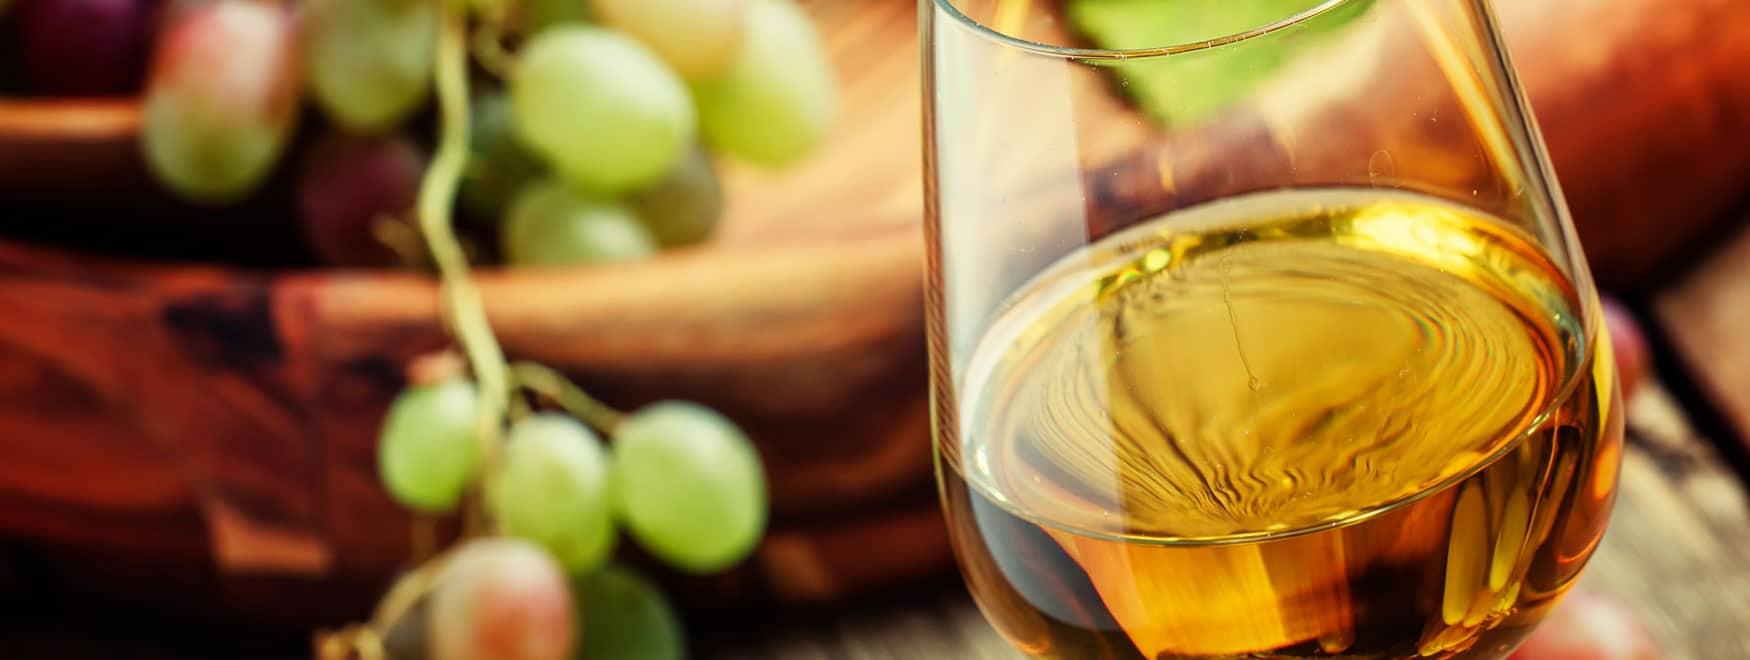 """Taller de cata y degustación de Muscat: """"Los vinos franceses y sus platos dulces"""""""